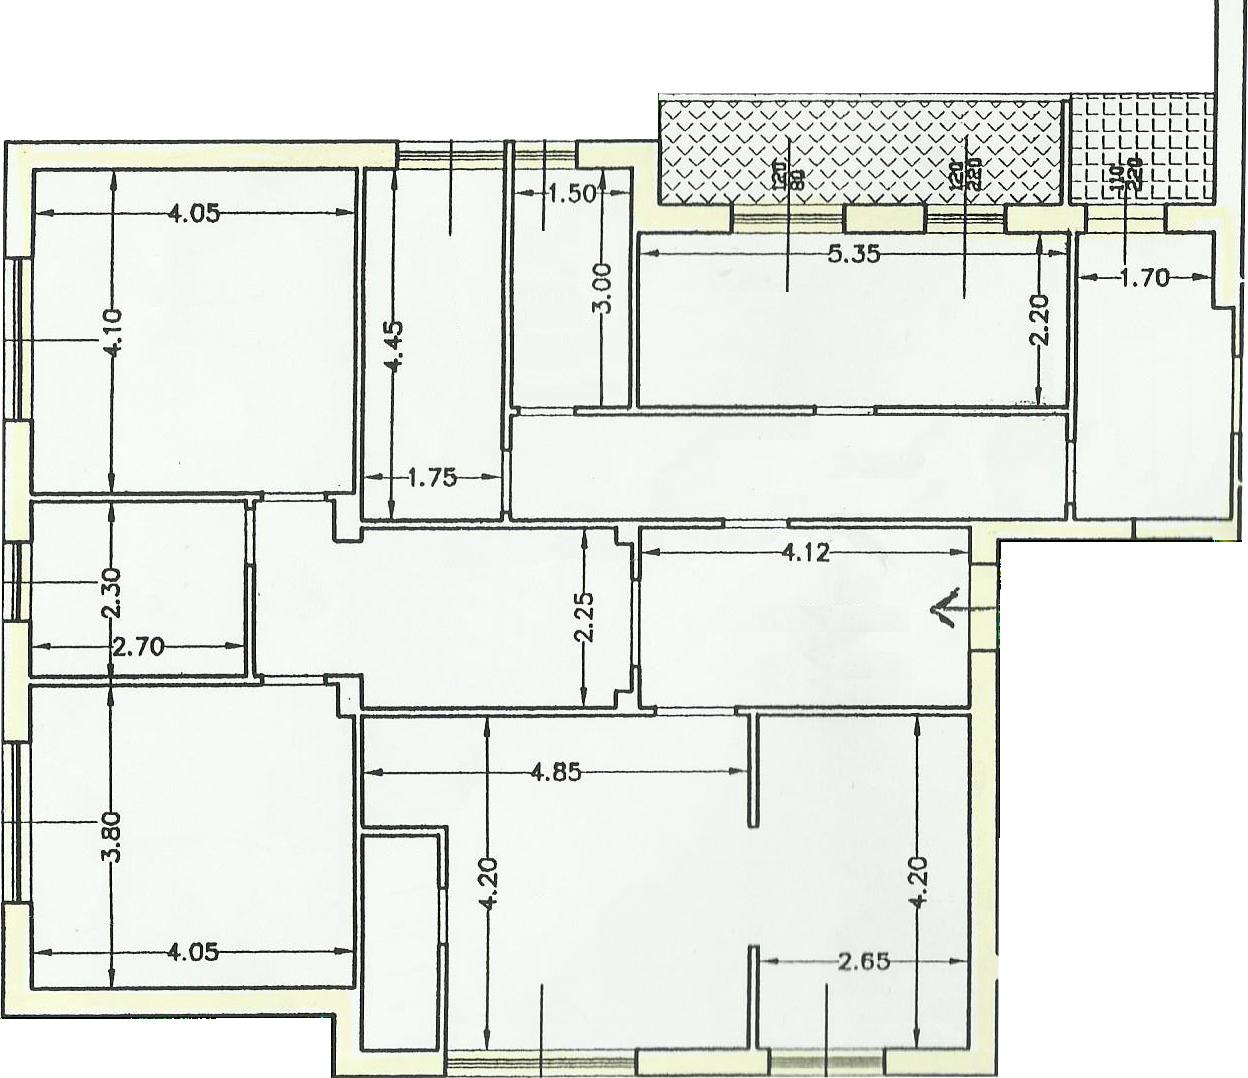 Planimetria online esempio file progetto online da for Disegnare planimetria casa online gratis